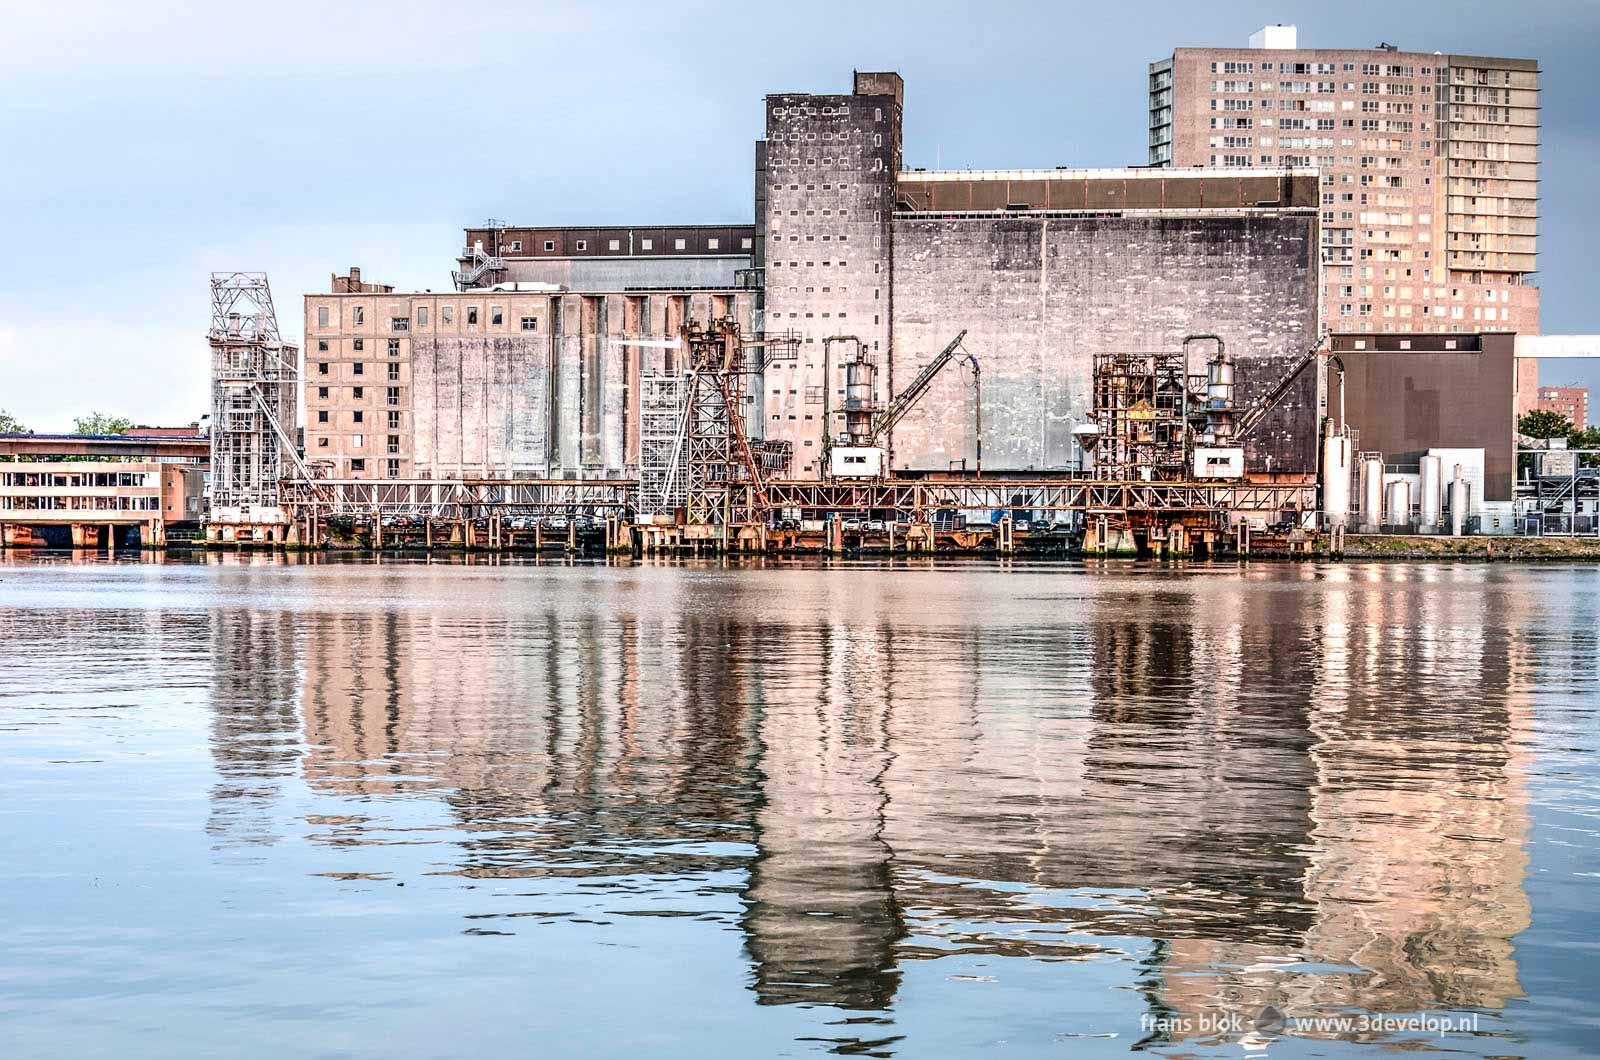 De Maassilo in Rotterdam, spiegelend in het bijna rimpelloze water van de Maashaven, gezien vanaf de kade in Katendrecht